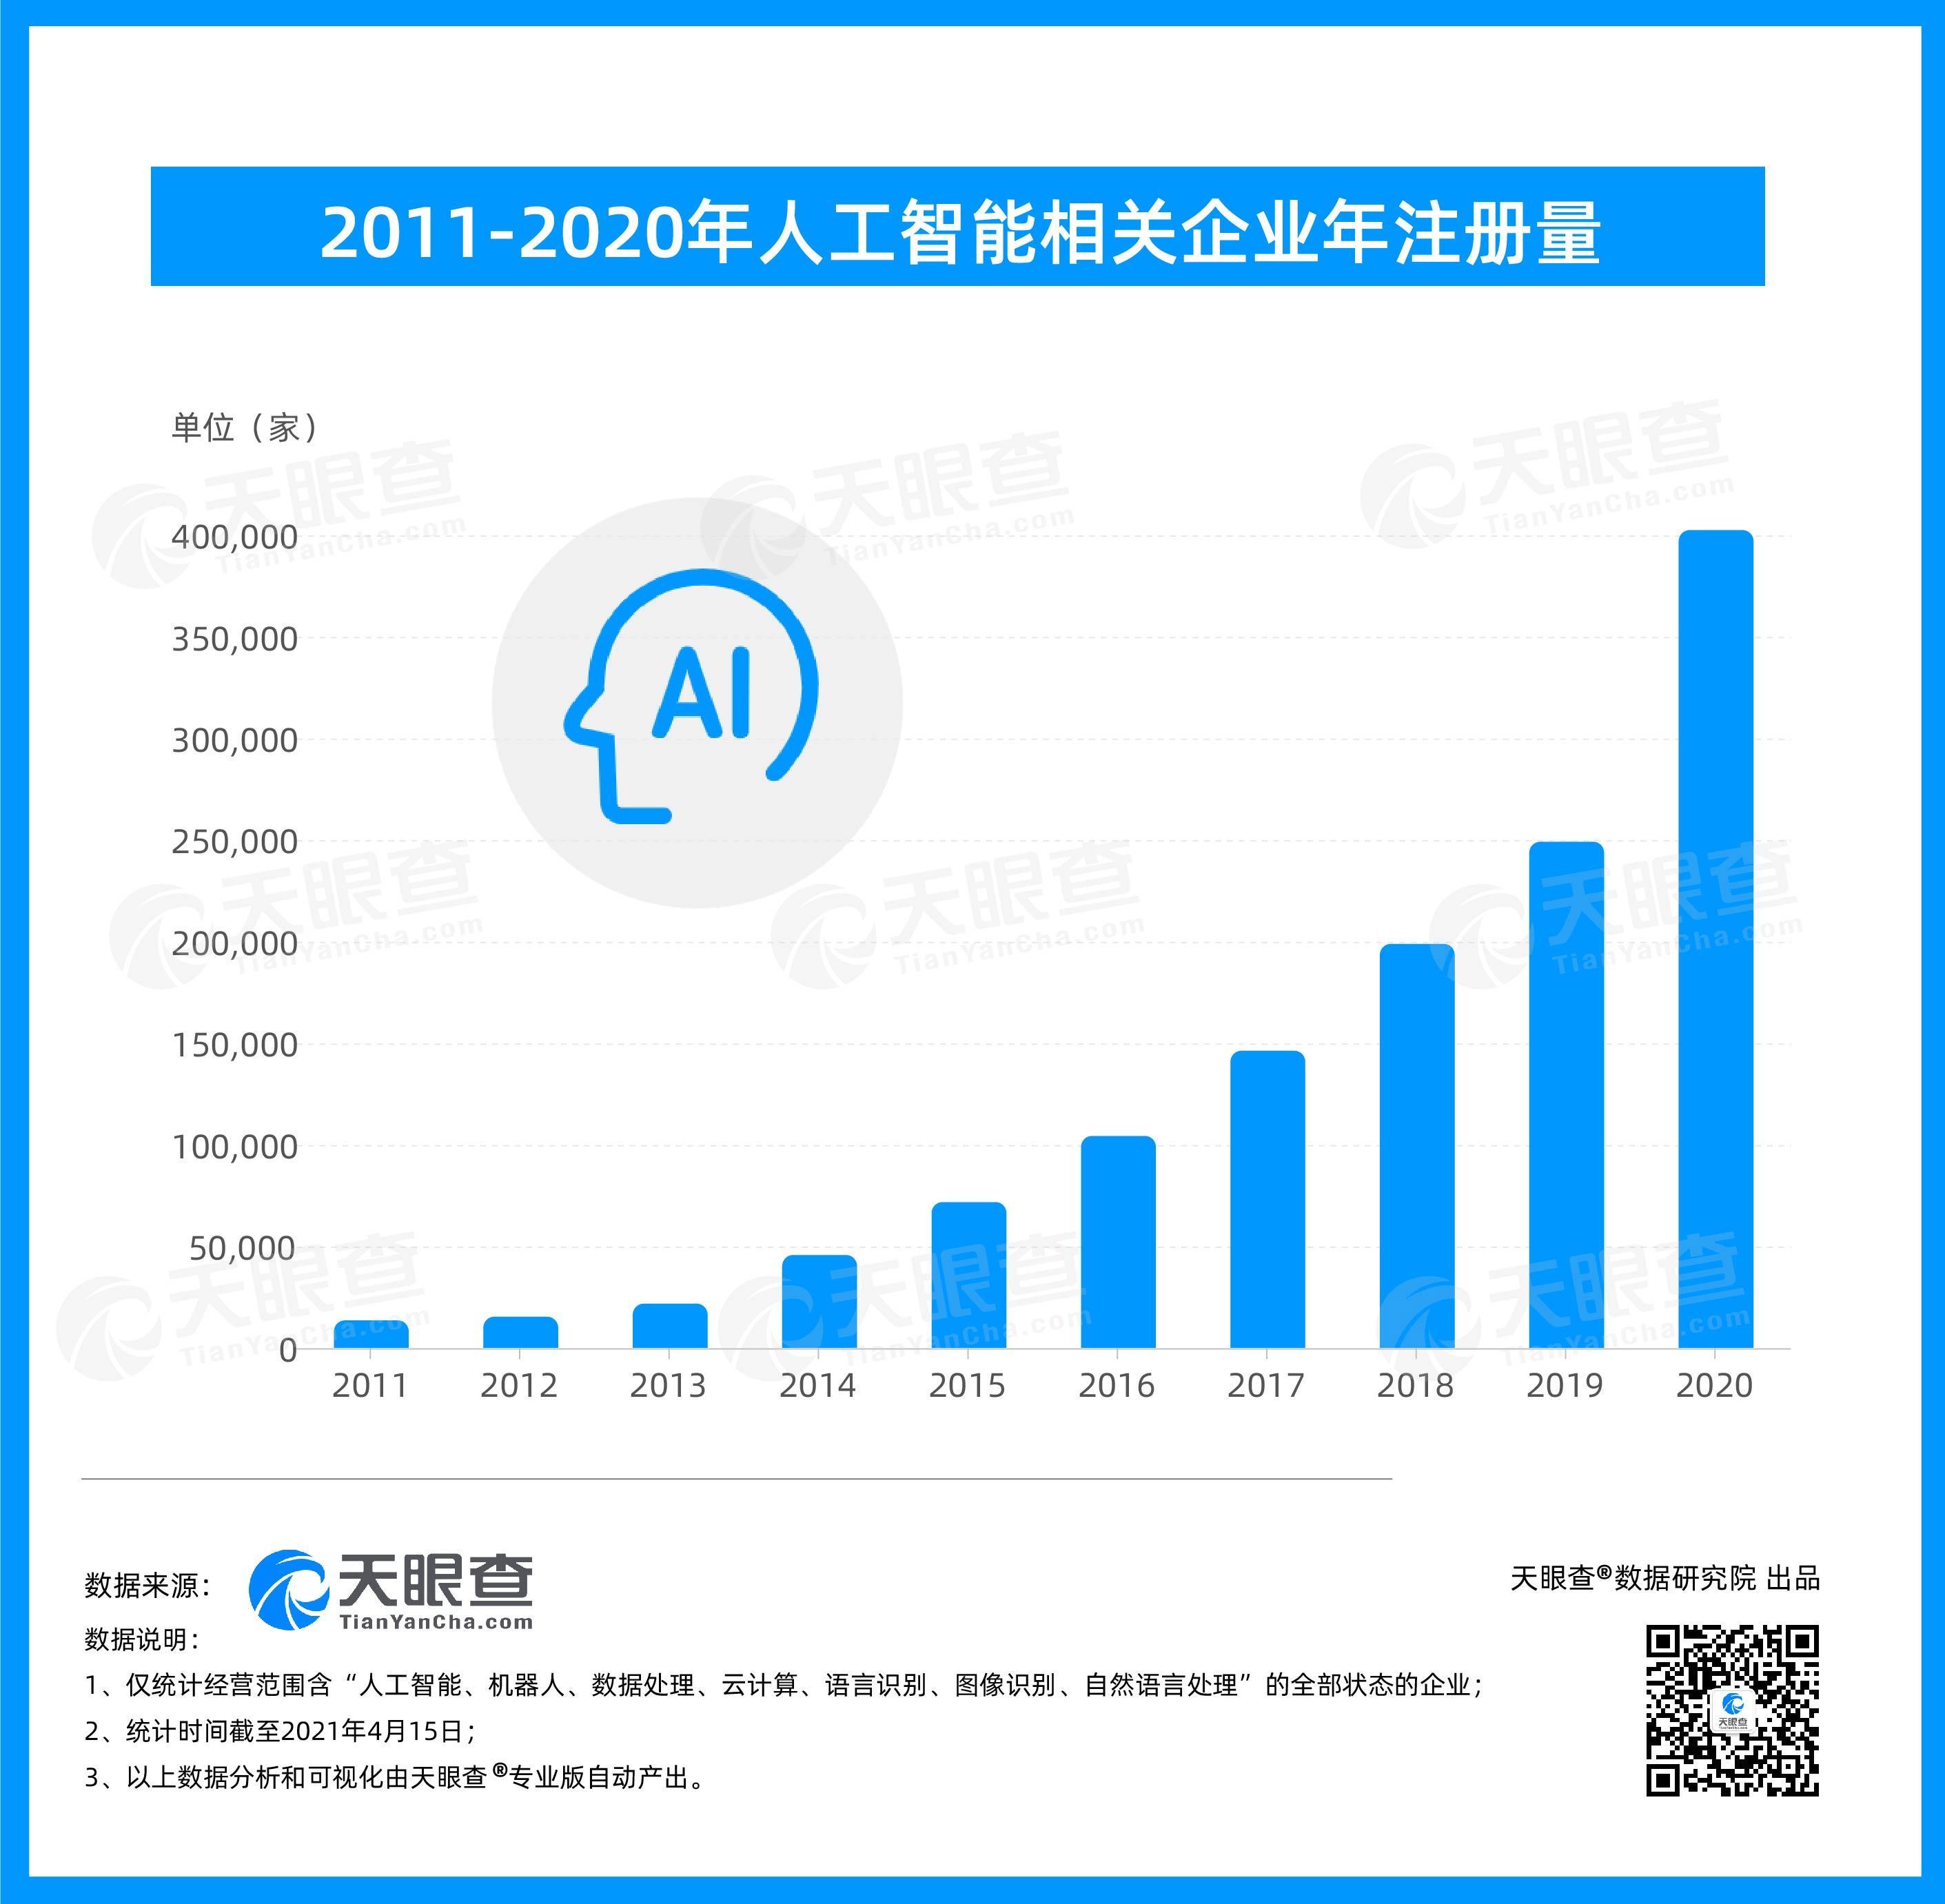 我国现有人工智能相关企业近130万家